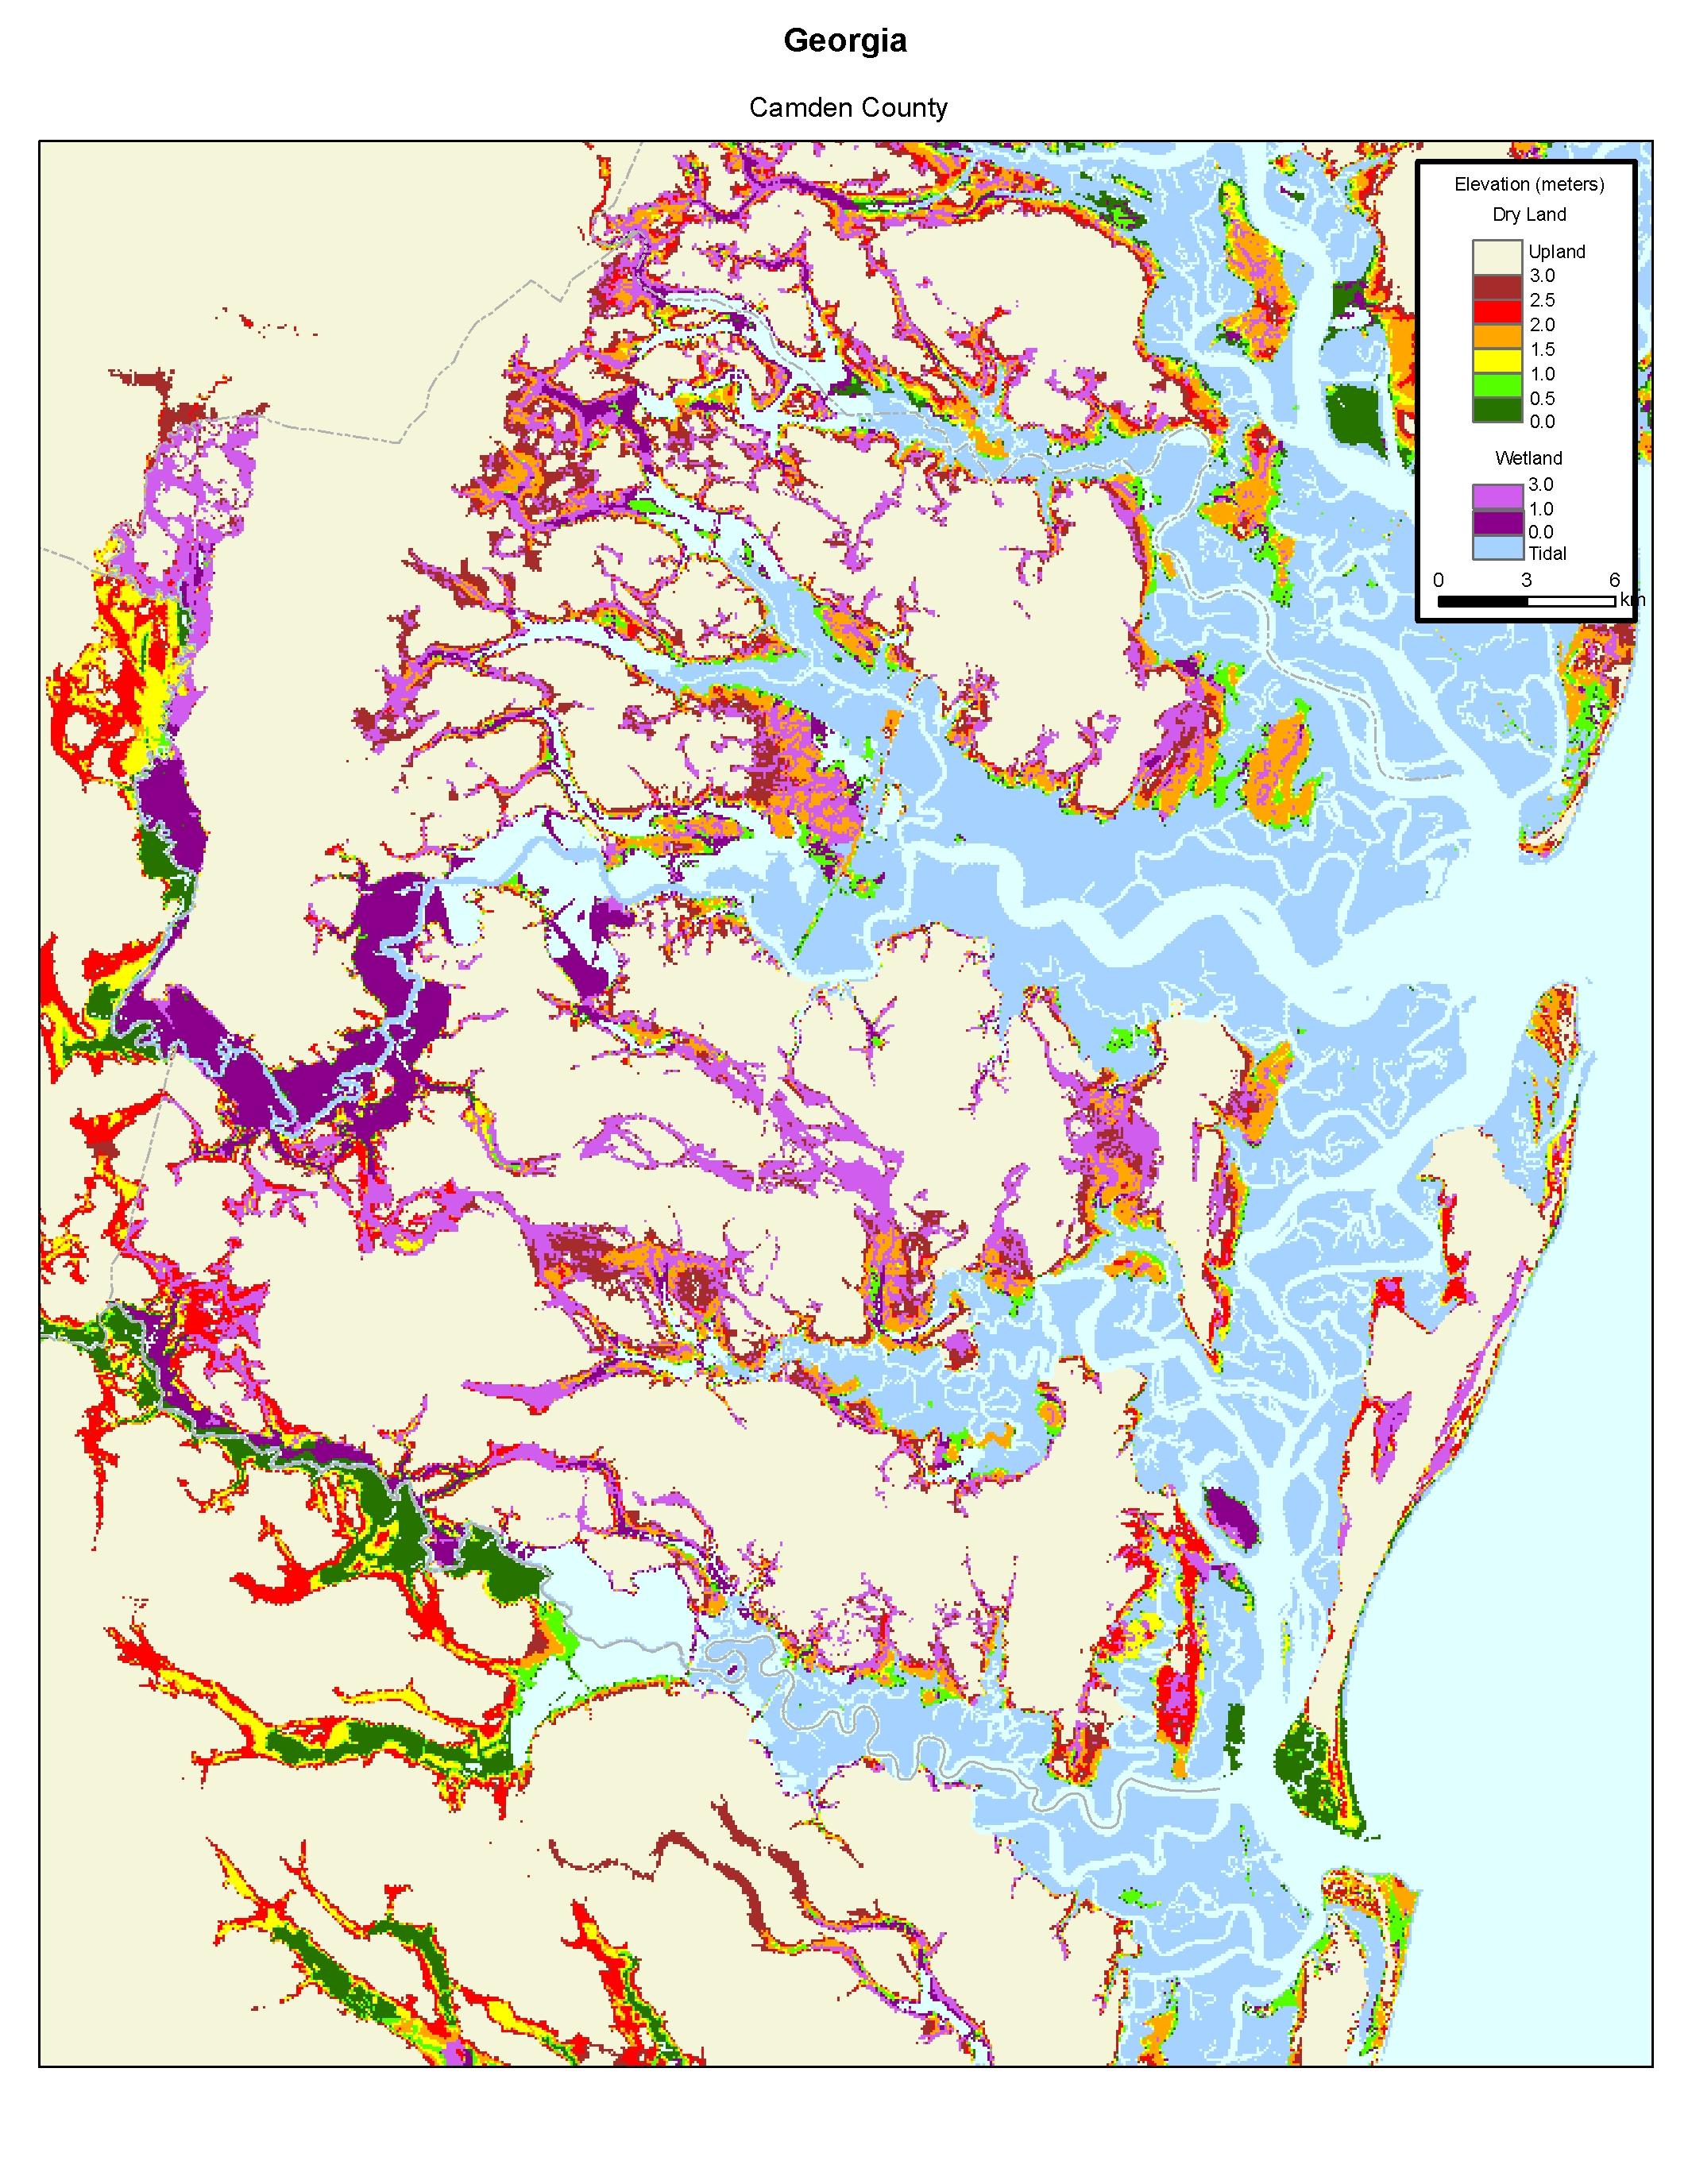 More Sea Level Rise Maps Of Georgia - Georgia map elevation